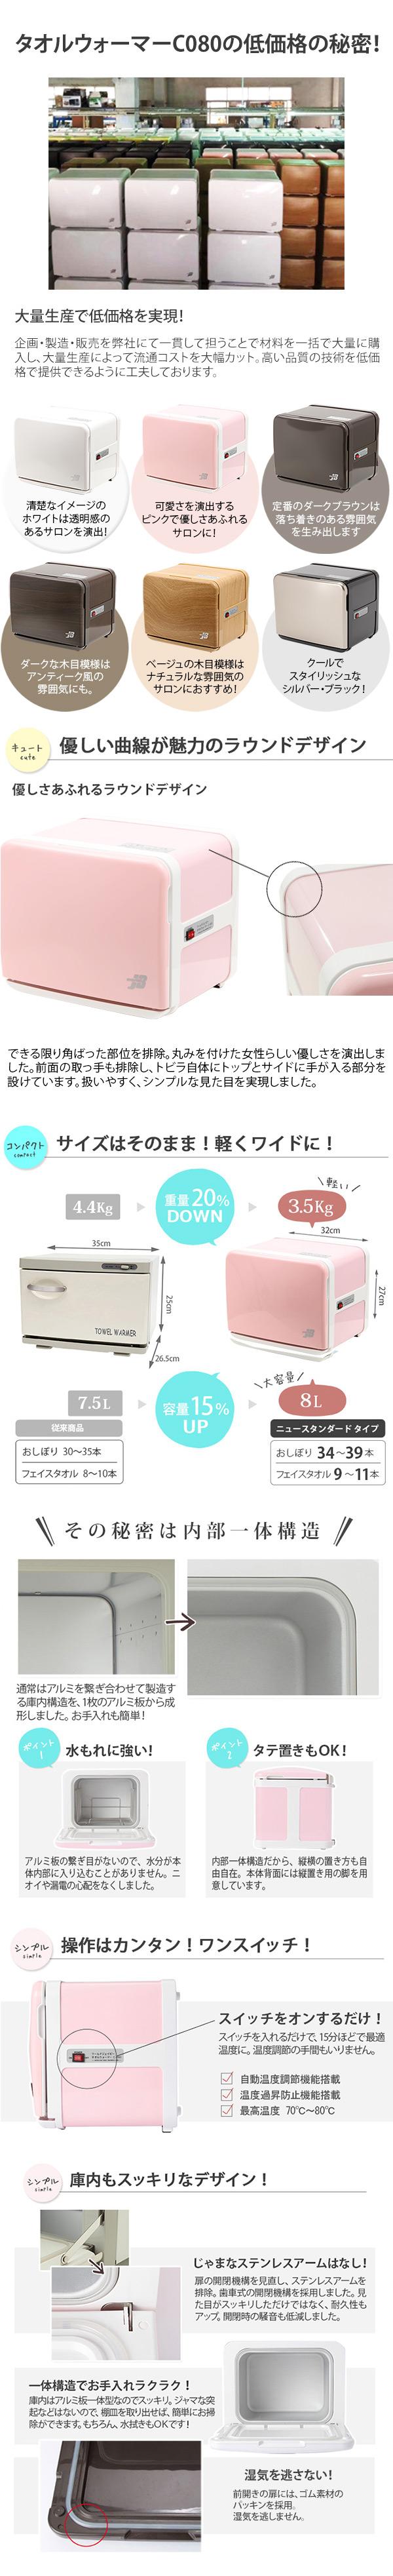 https://shopping.geocities.jp/nshop-y/images/esthe/plan_equipment/pop_towelwarmer/pop_towelwarmer_1.jpg